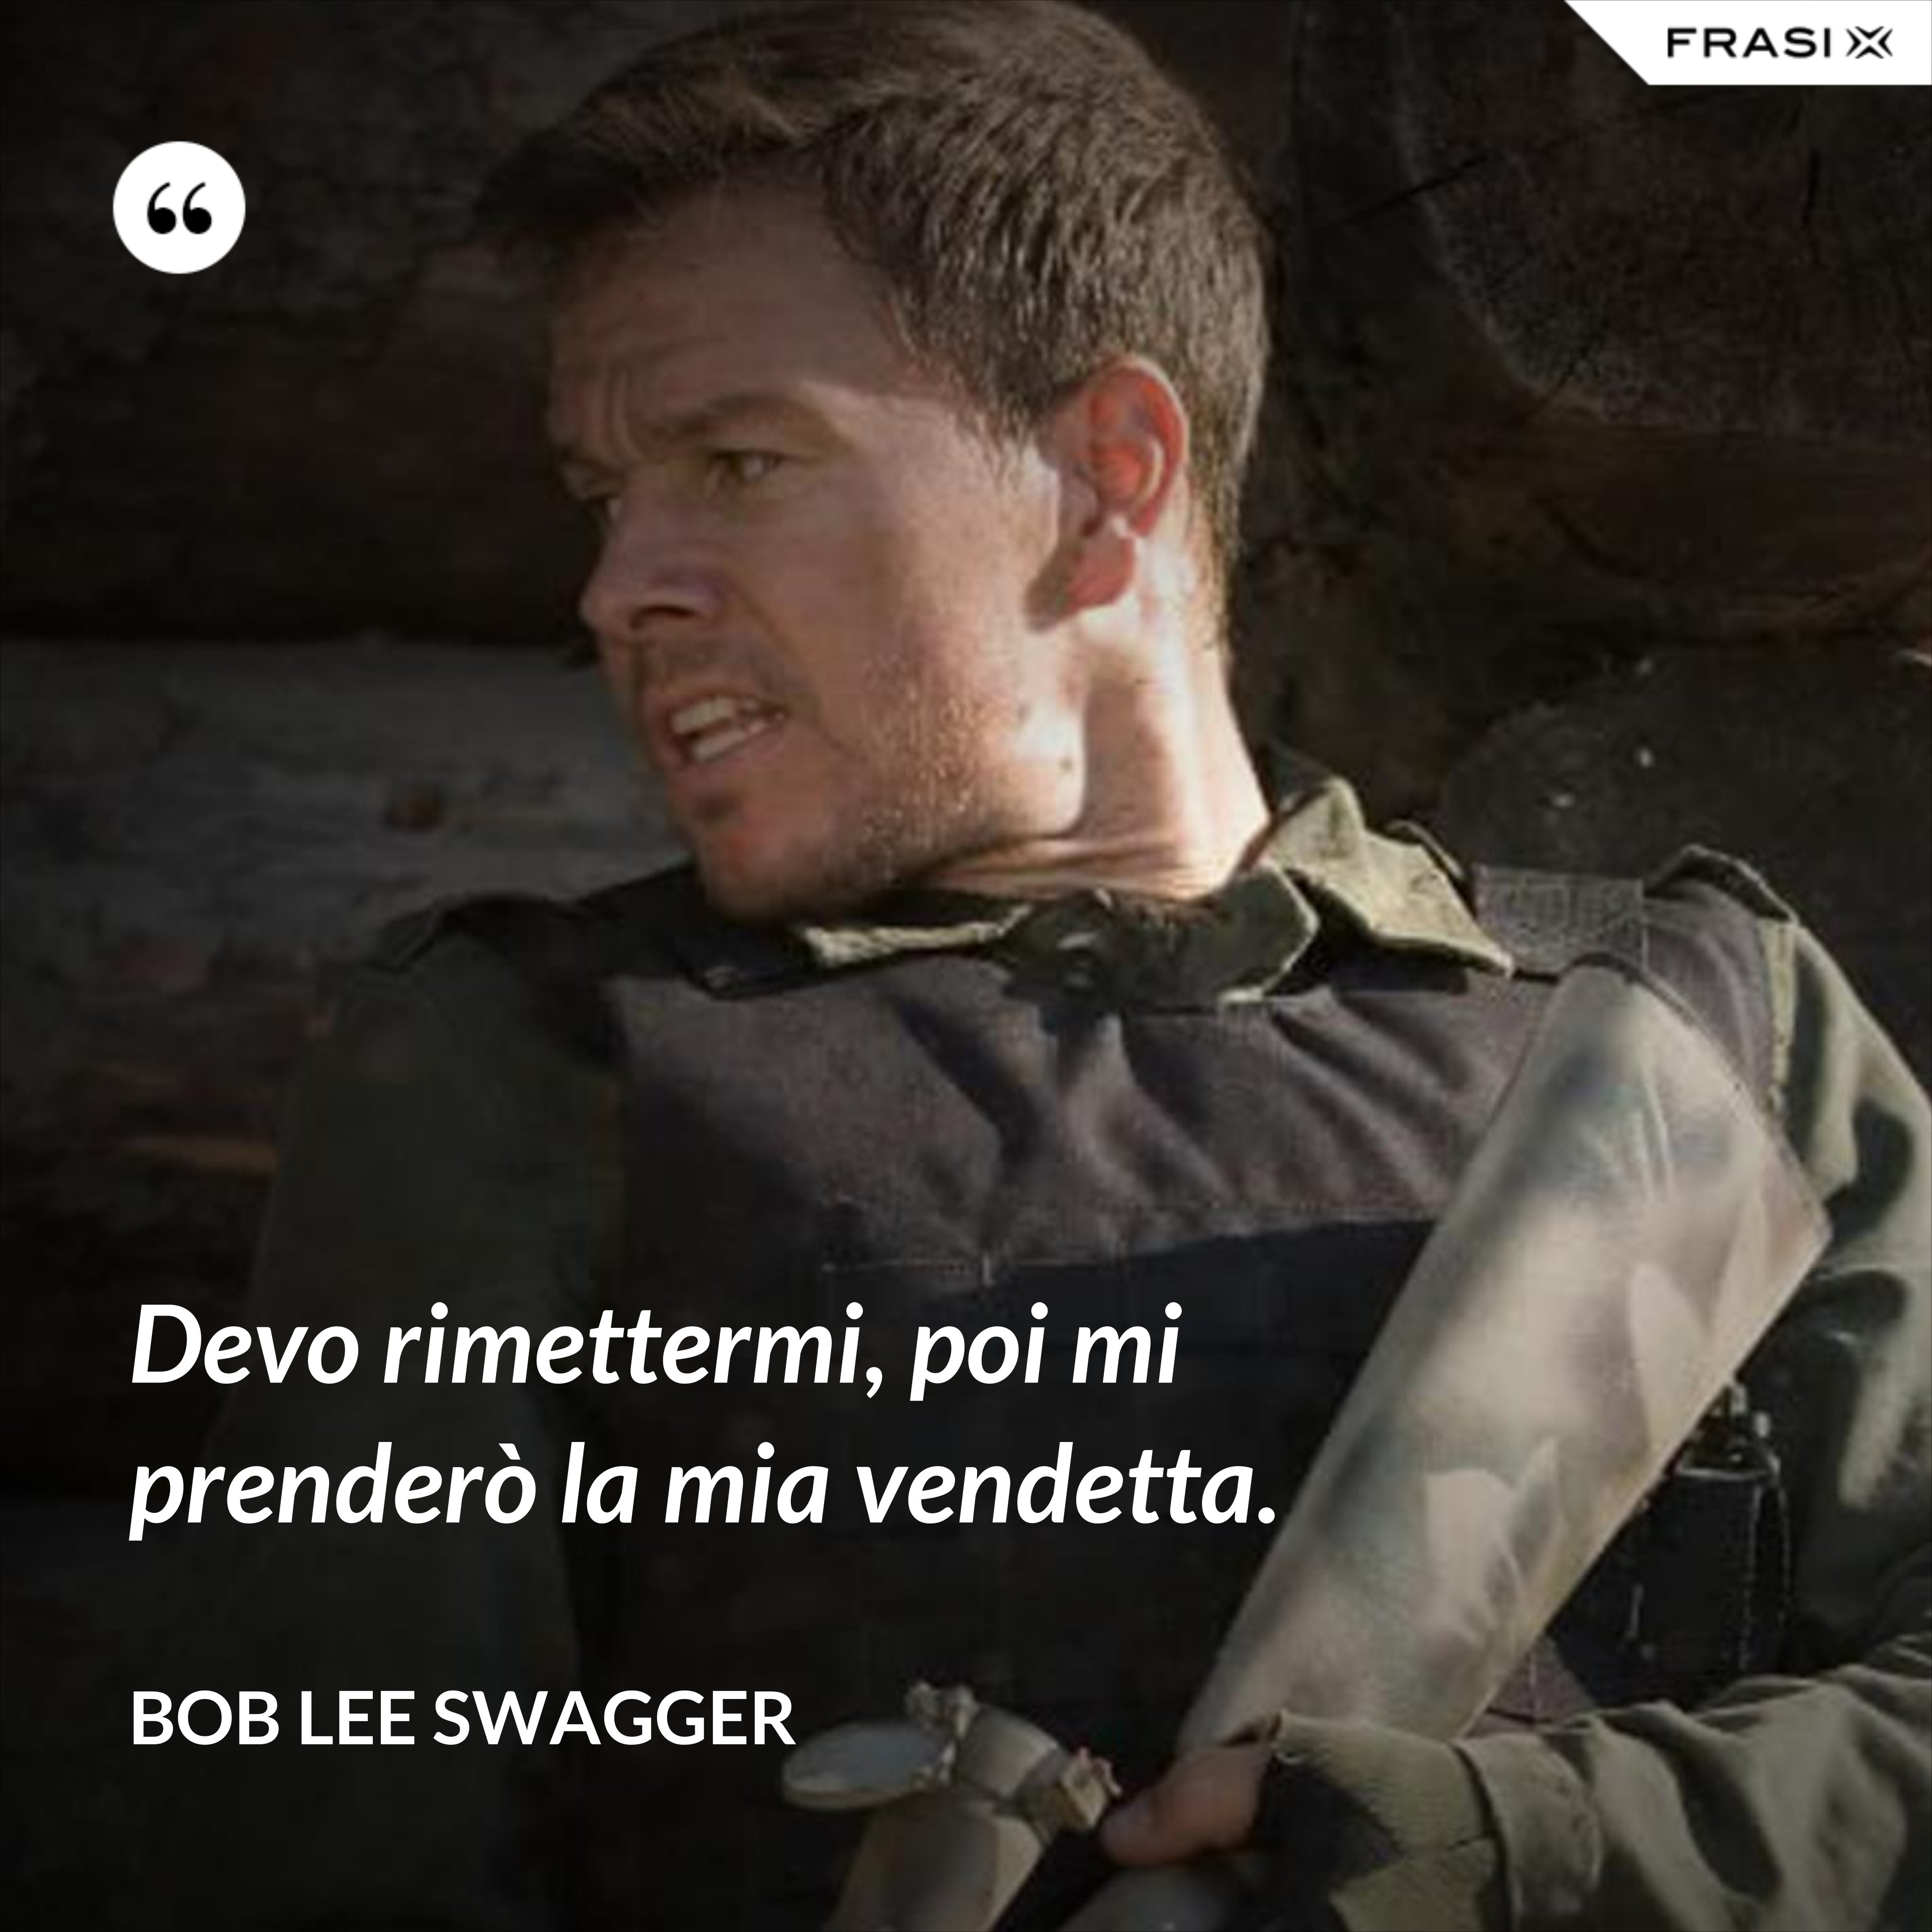 Devo rimettermi, poi mi prenderò la mia vendetta. - Bob Lee Swagger